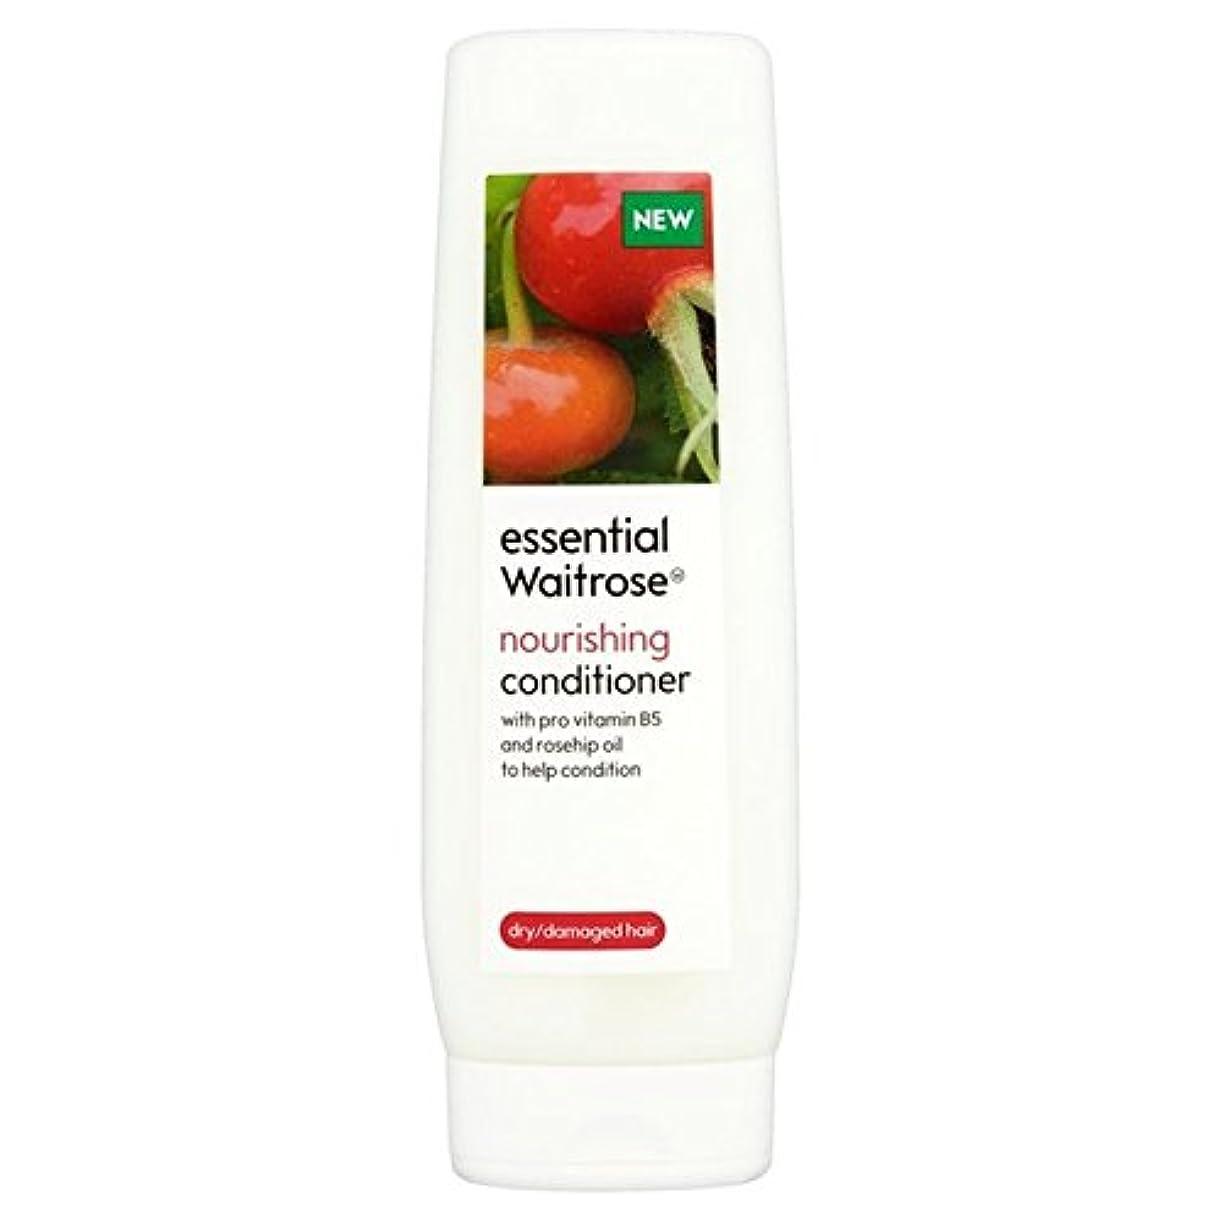 授業料害作家Conditioner for Dry & Damaged Hair essential Waitrose 300ml - ドライ&ダメージヘア不可欠ウェイトローズの300ミリリットルのためのコンディショナー [並行輸入品]